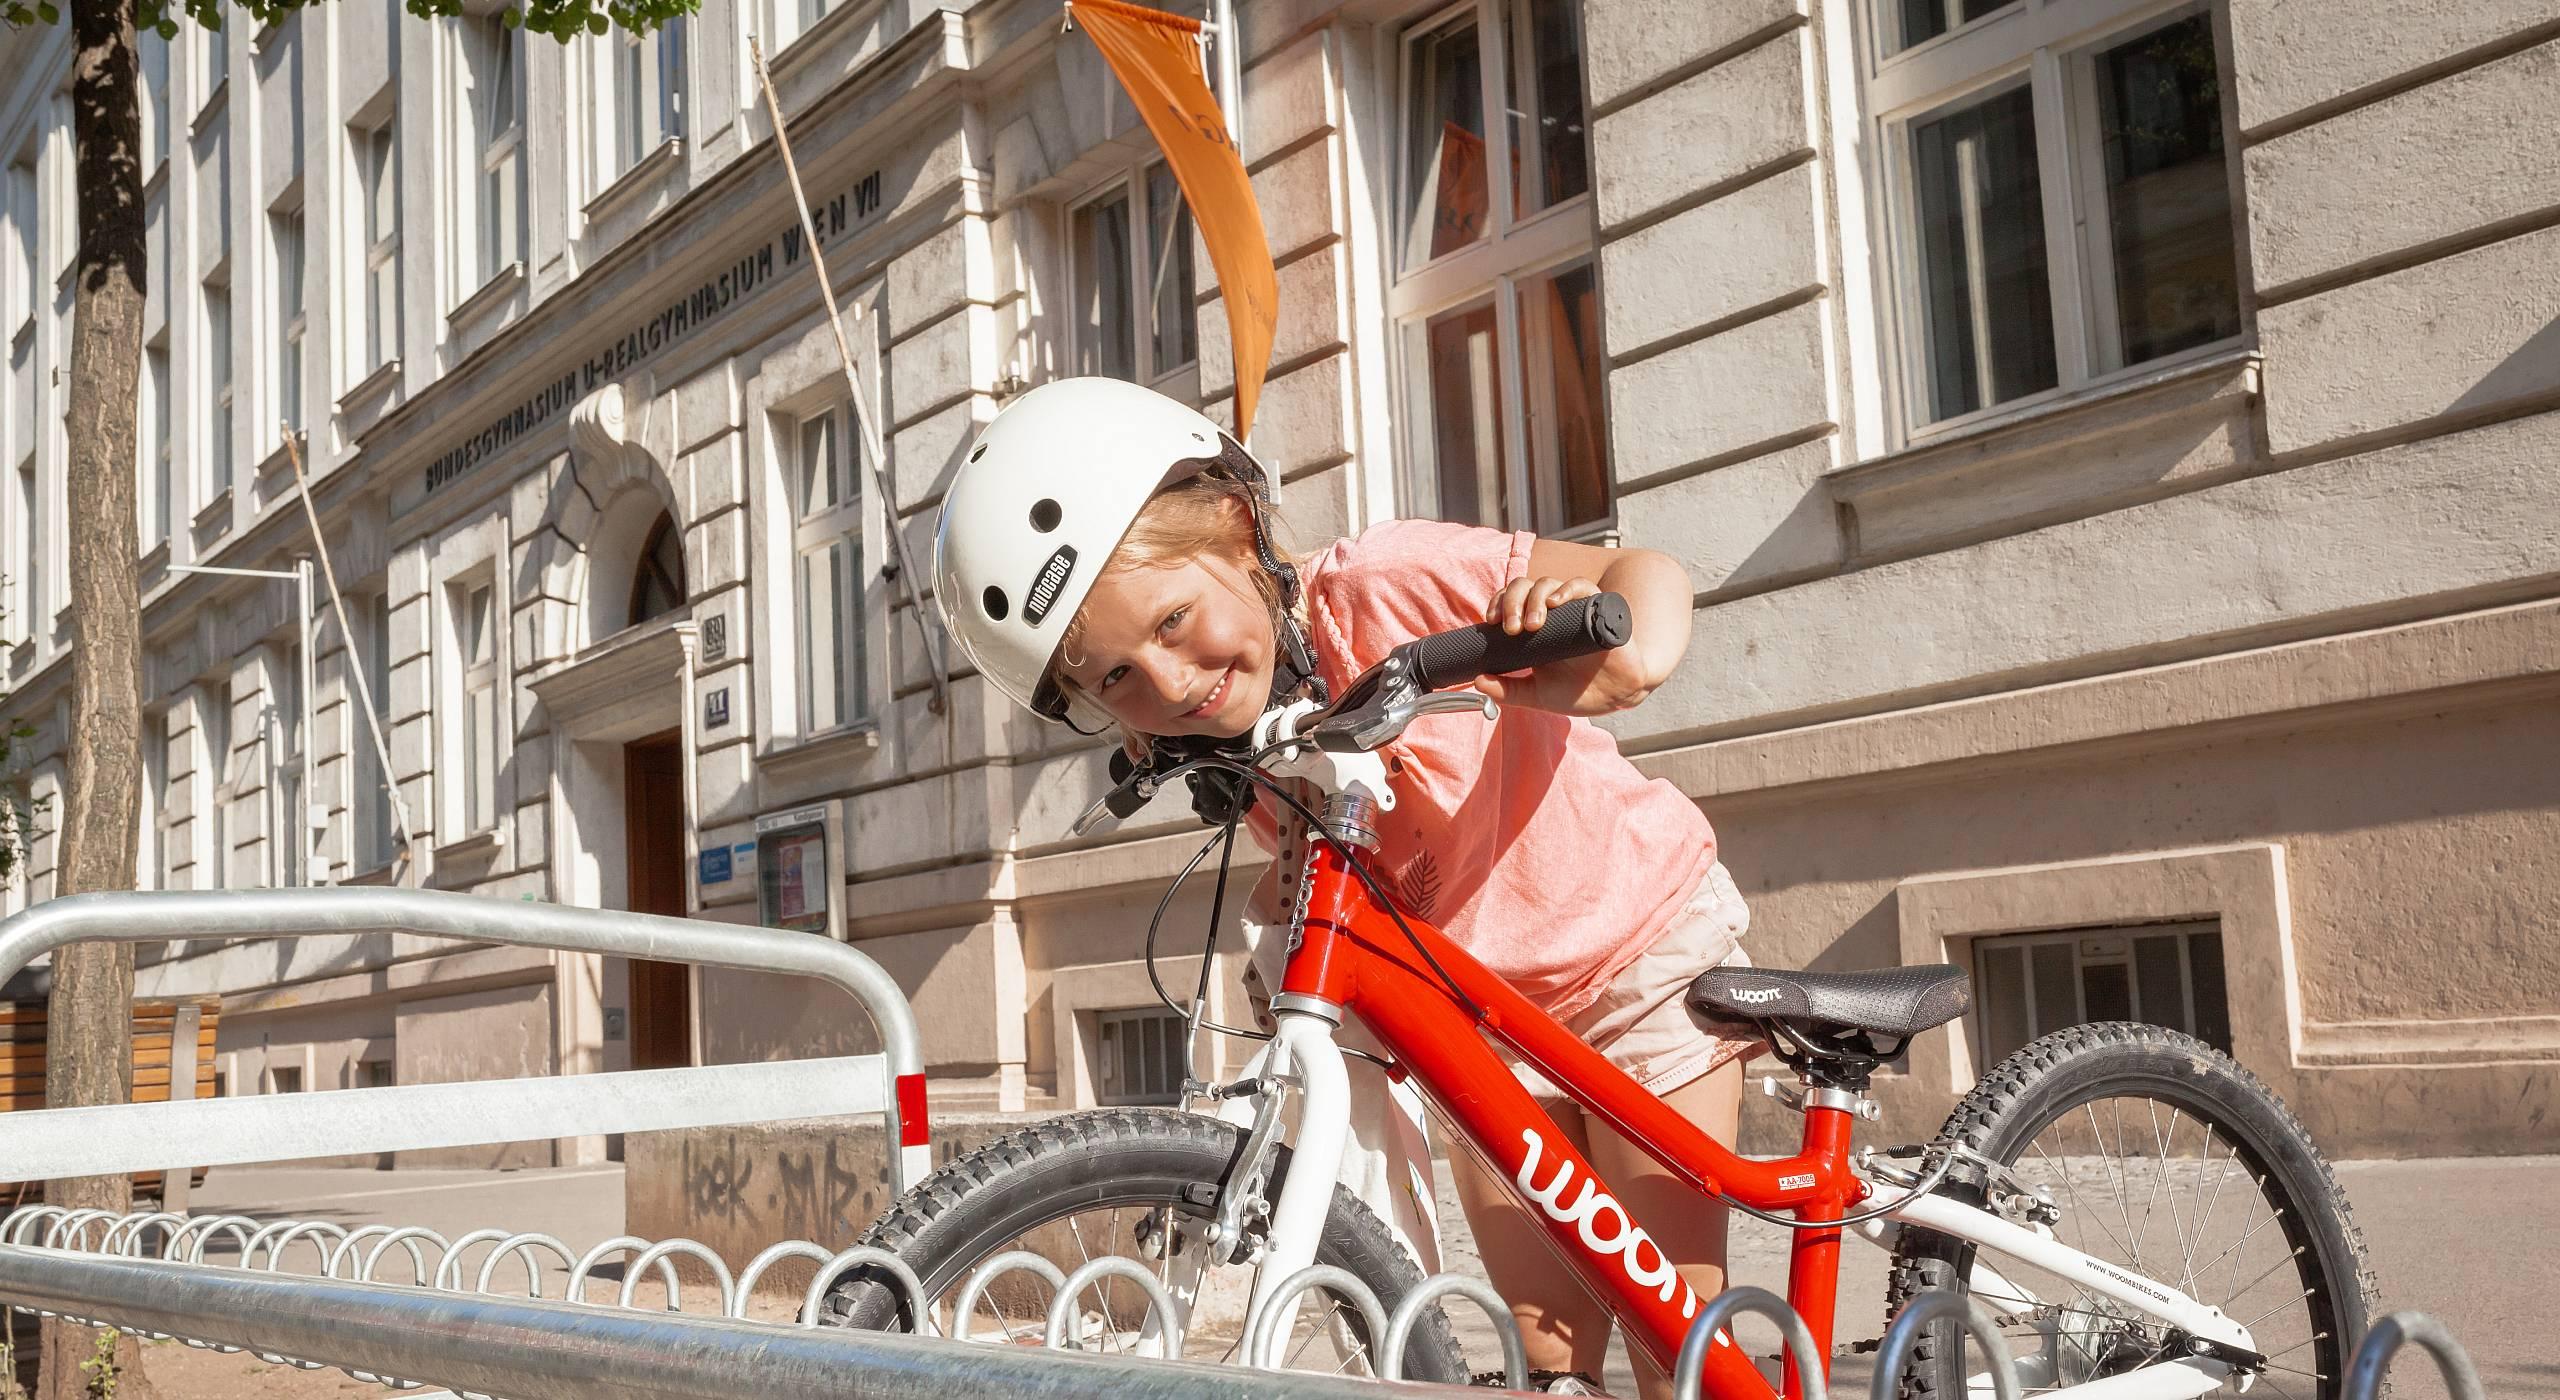 Ein kleines Mädchen schiebt ihr Rad zu einem Fahrradständer und grinst verschmitzt in die Kamera.